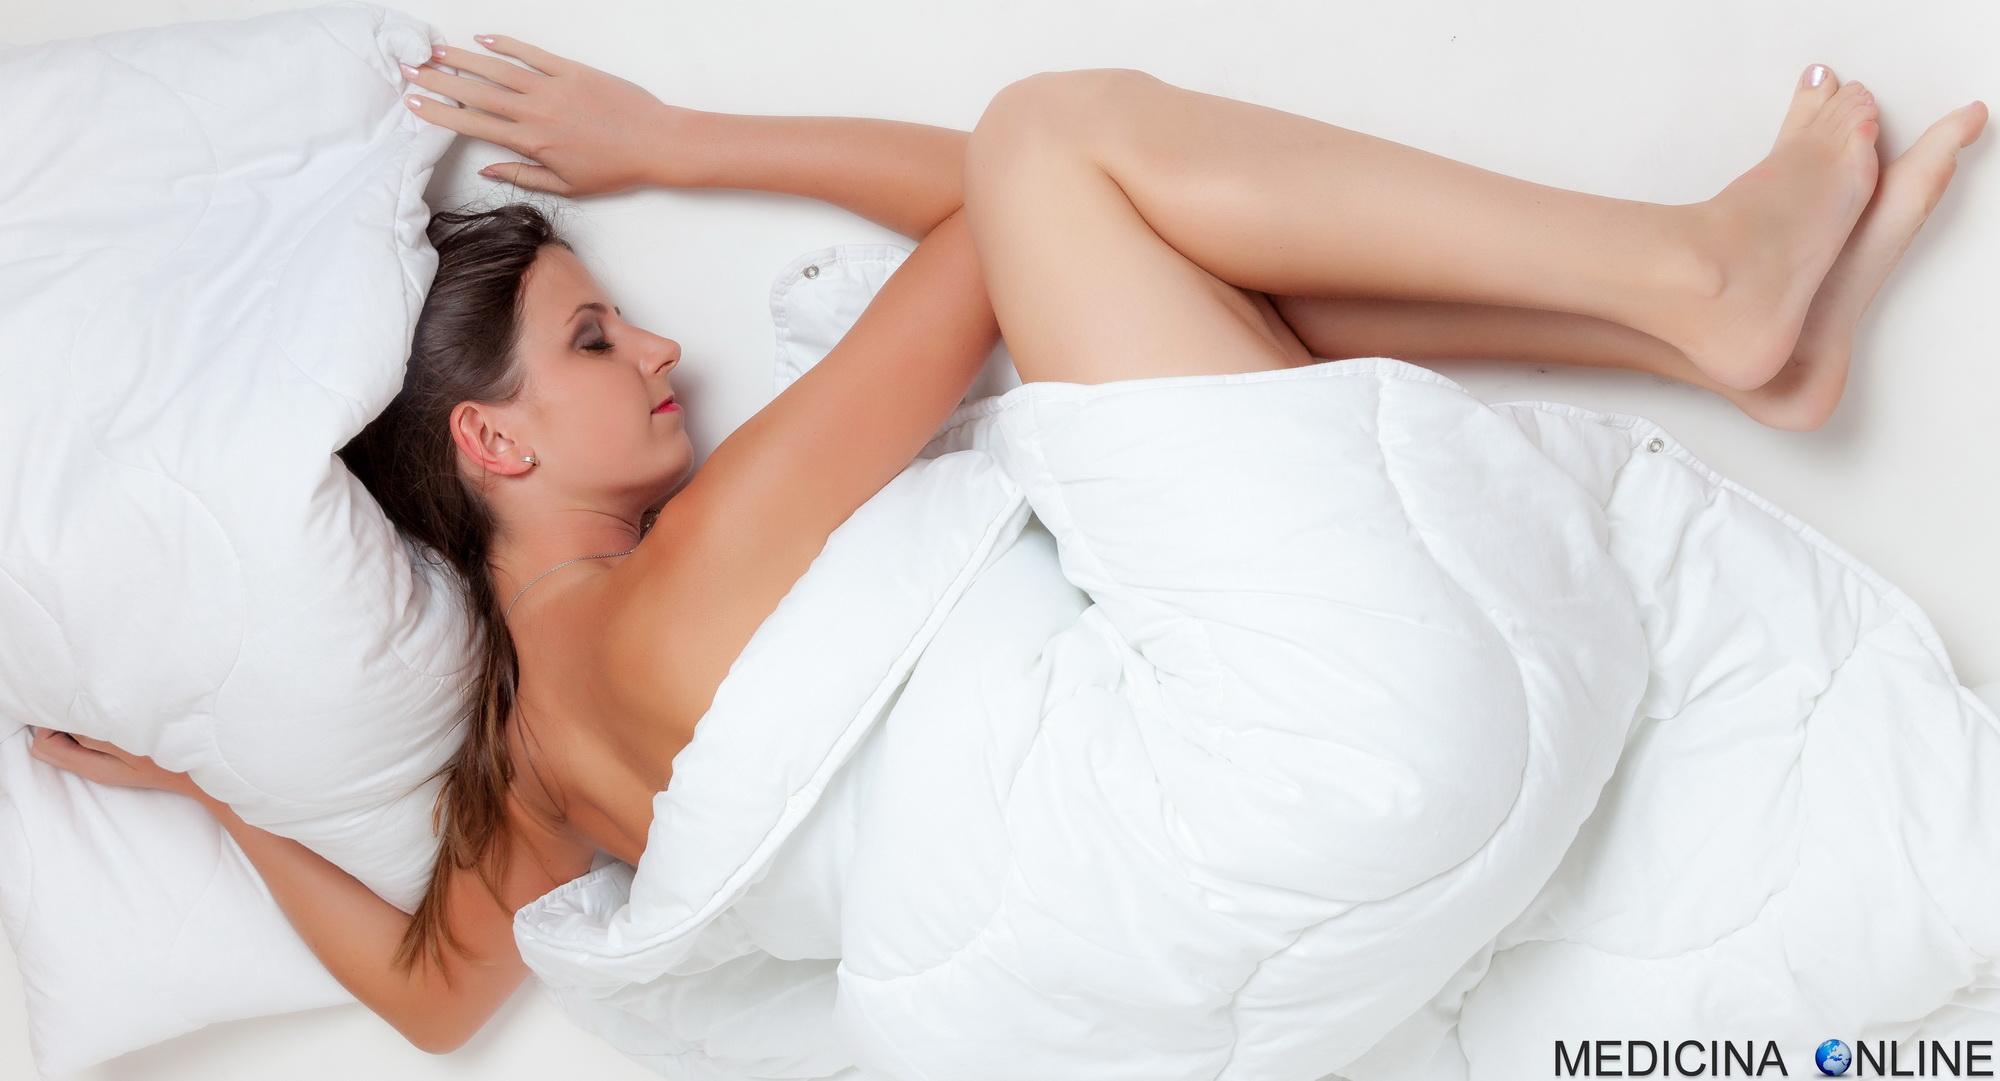 Tutto quello che ancora non sai sull'erezione mattutina, e che ti conviene scoprire!